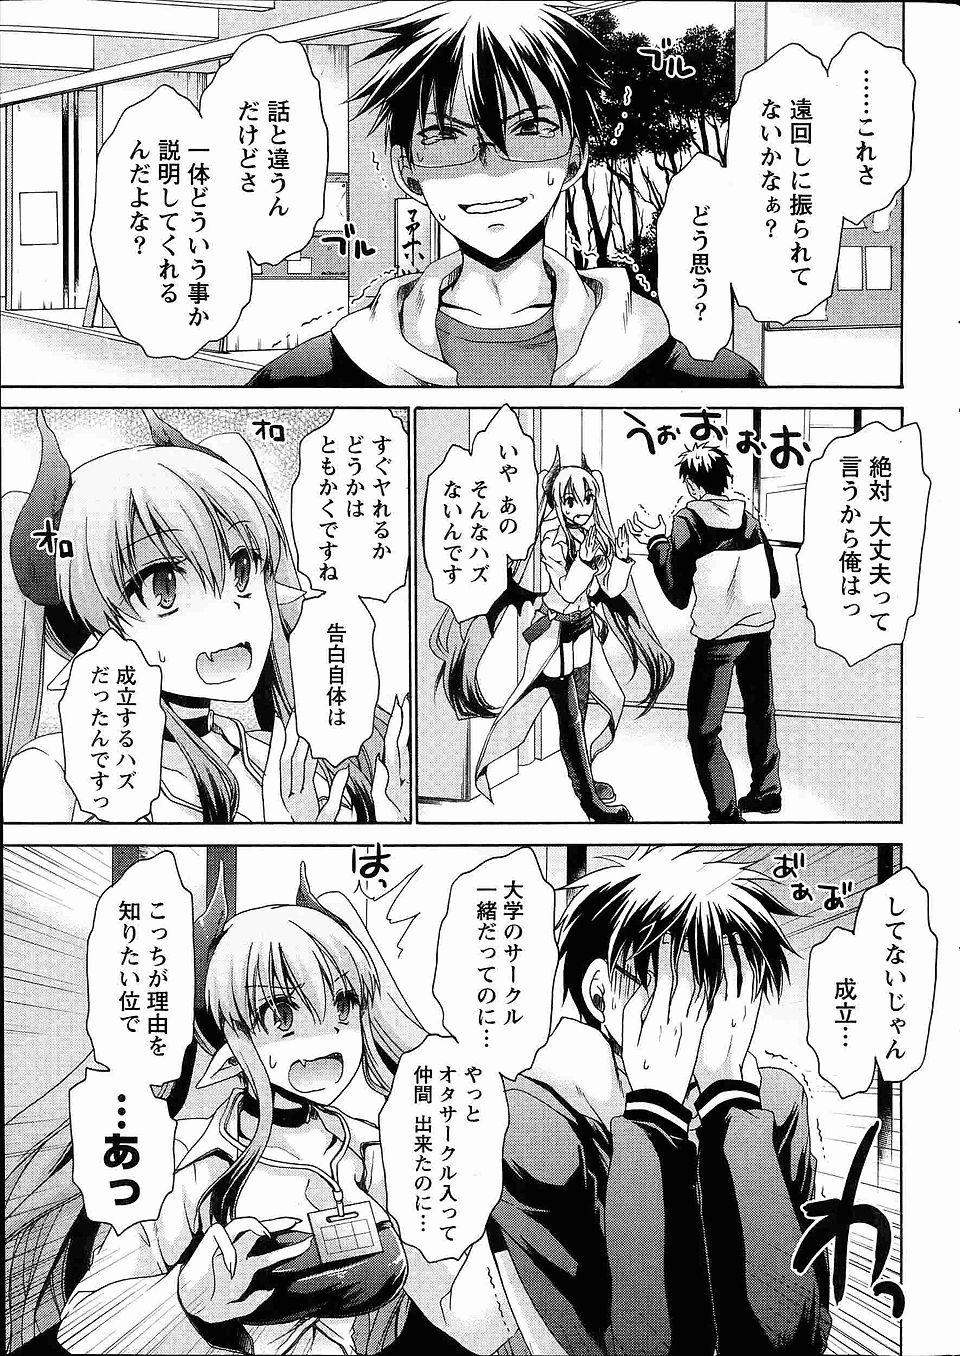 【エロ漫画・エロ同人】ちっぱいの先輩が誘惑してきてフェラチオして来たンゴwww (3)